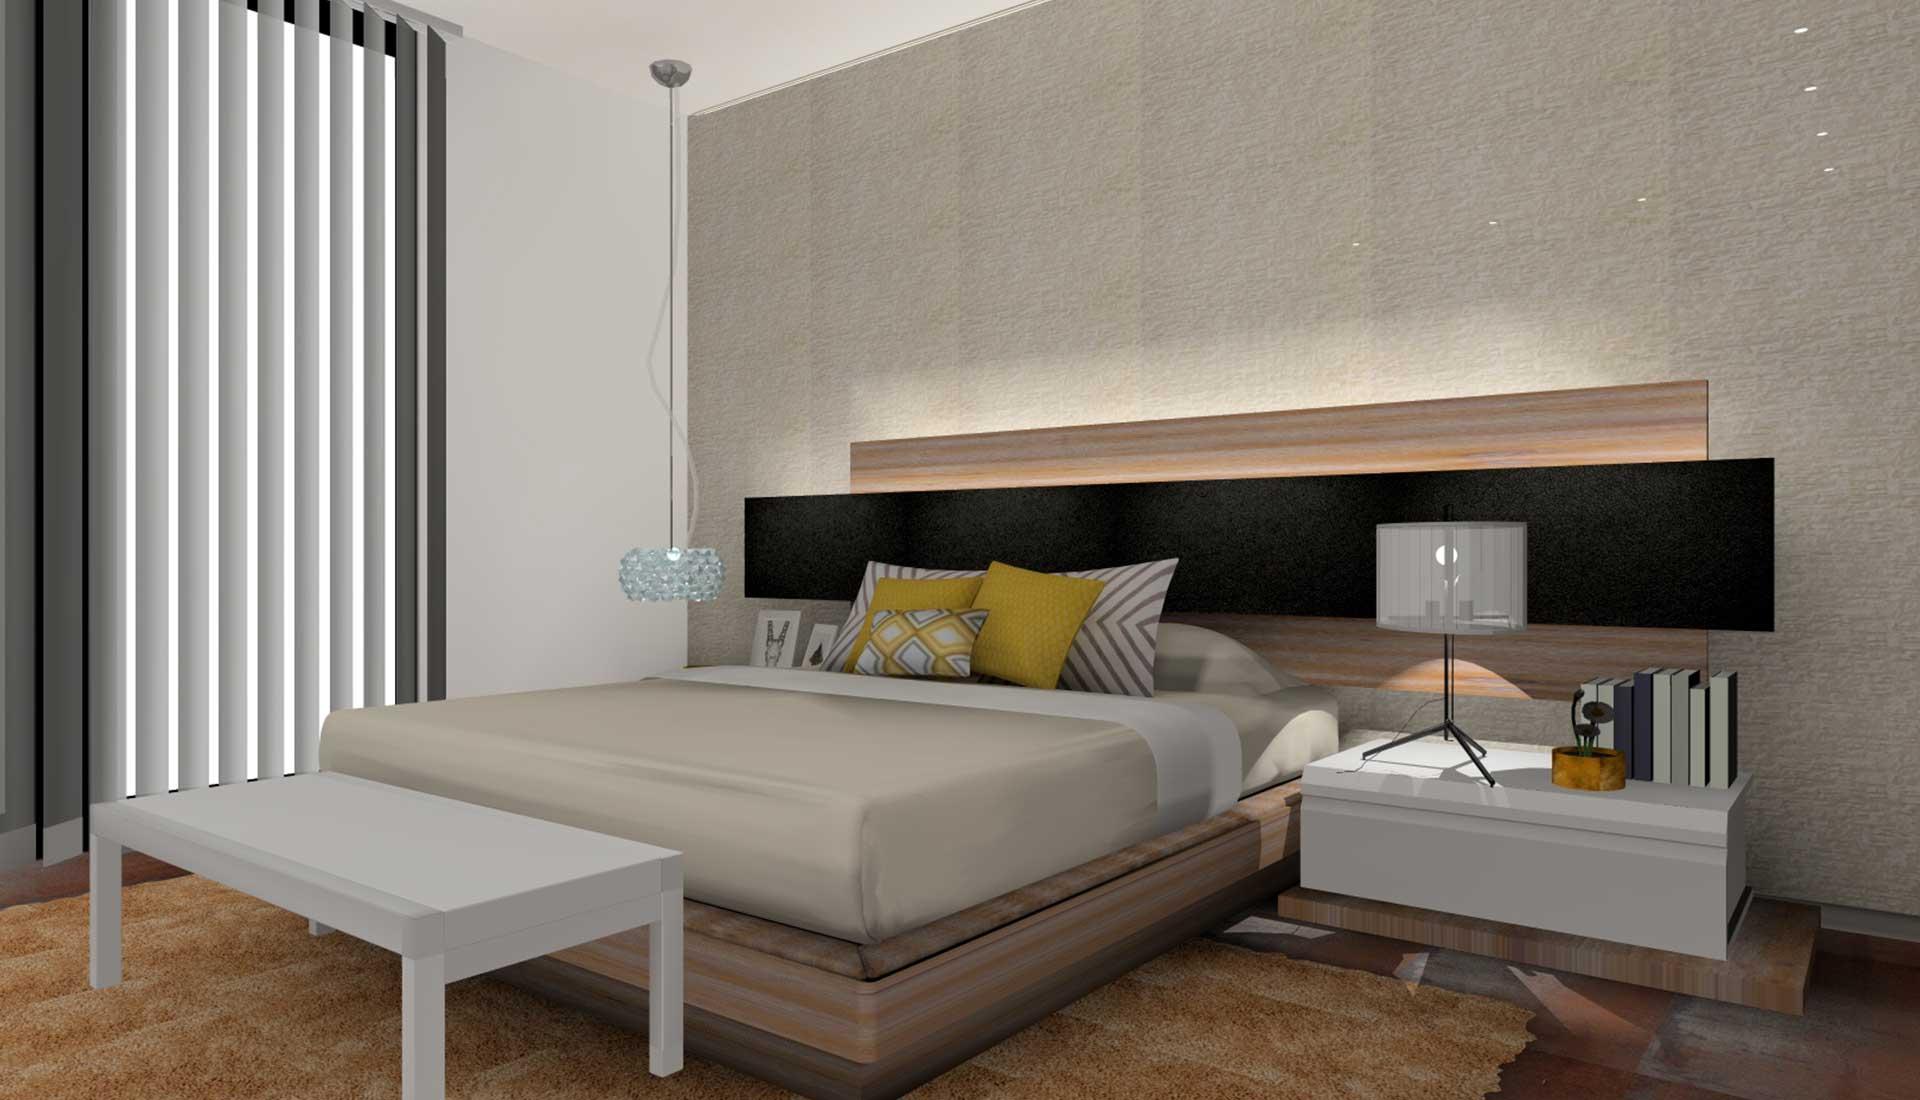 decoracion de interiores las rozas habitacion